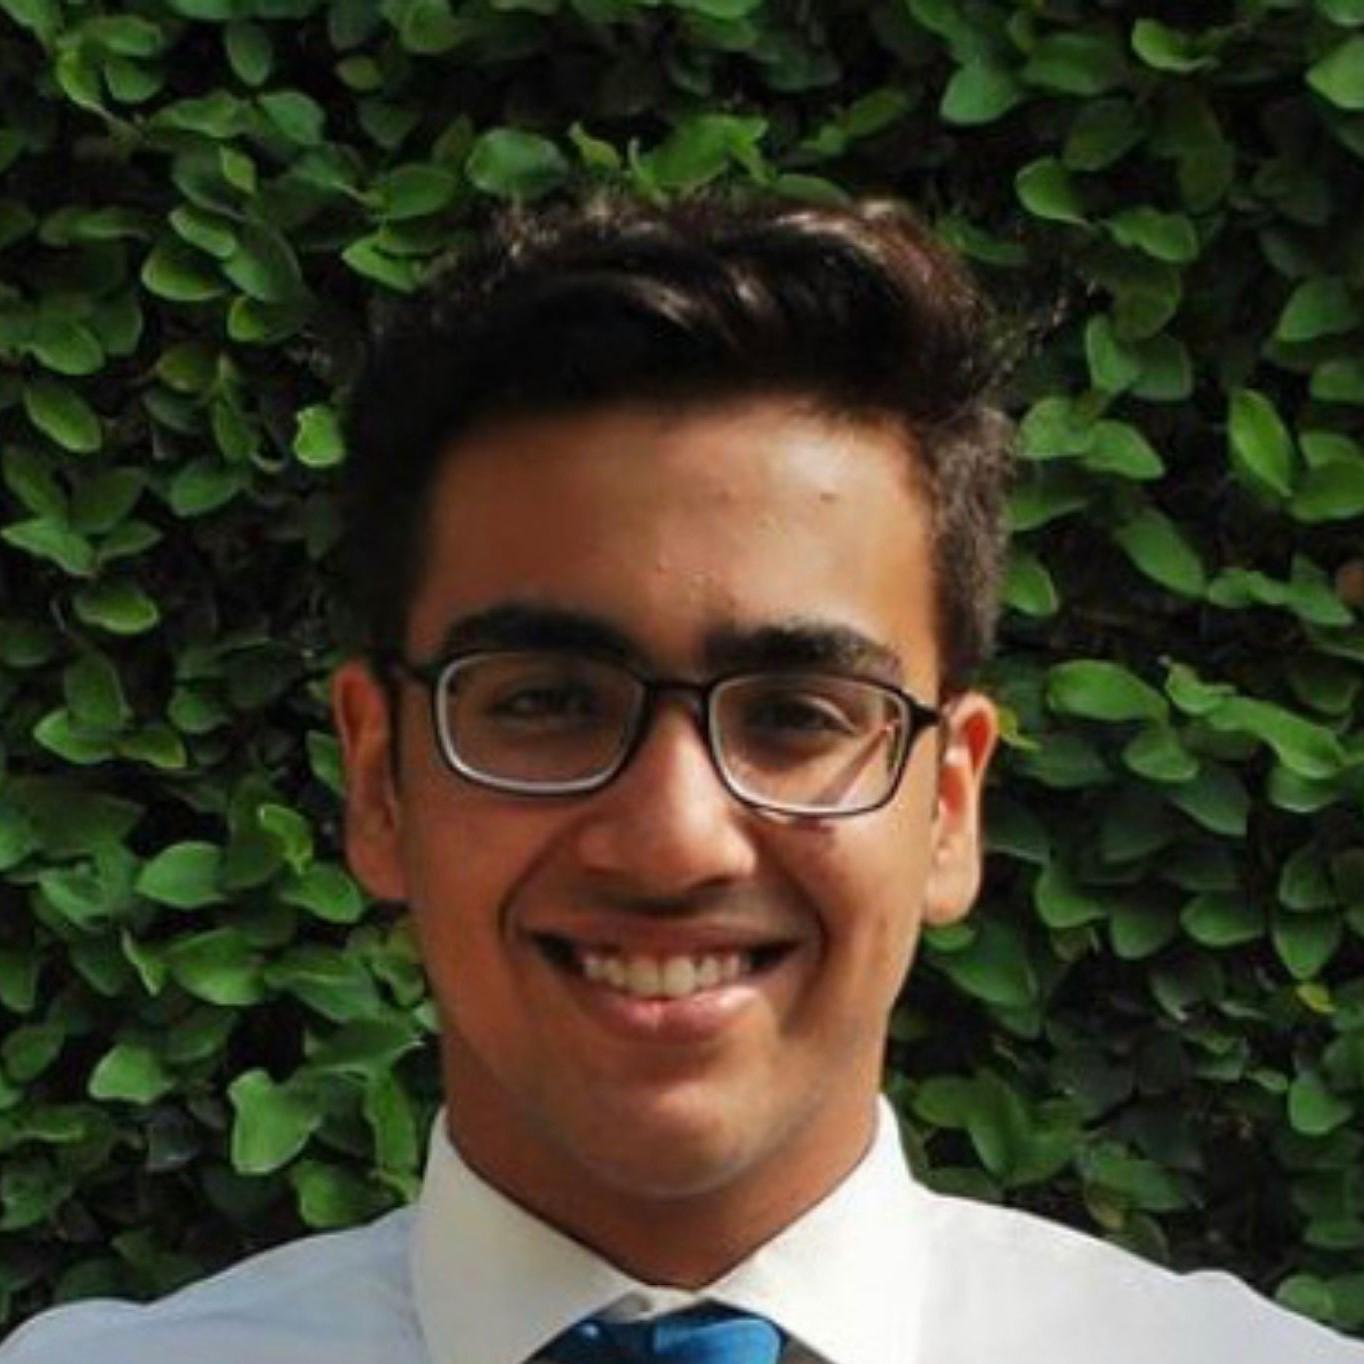 Photo of Muazam smiling